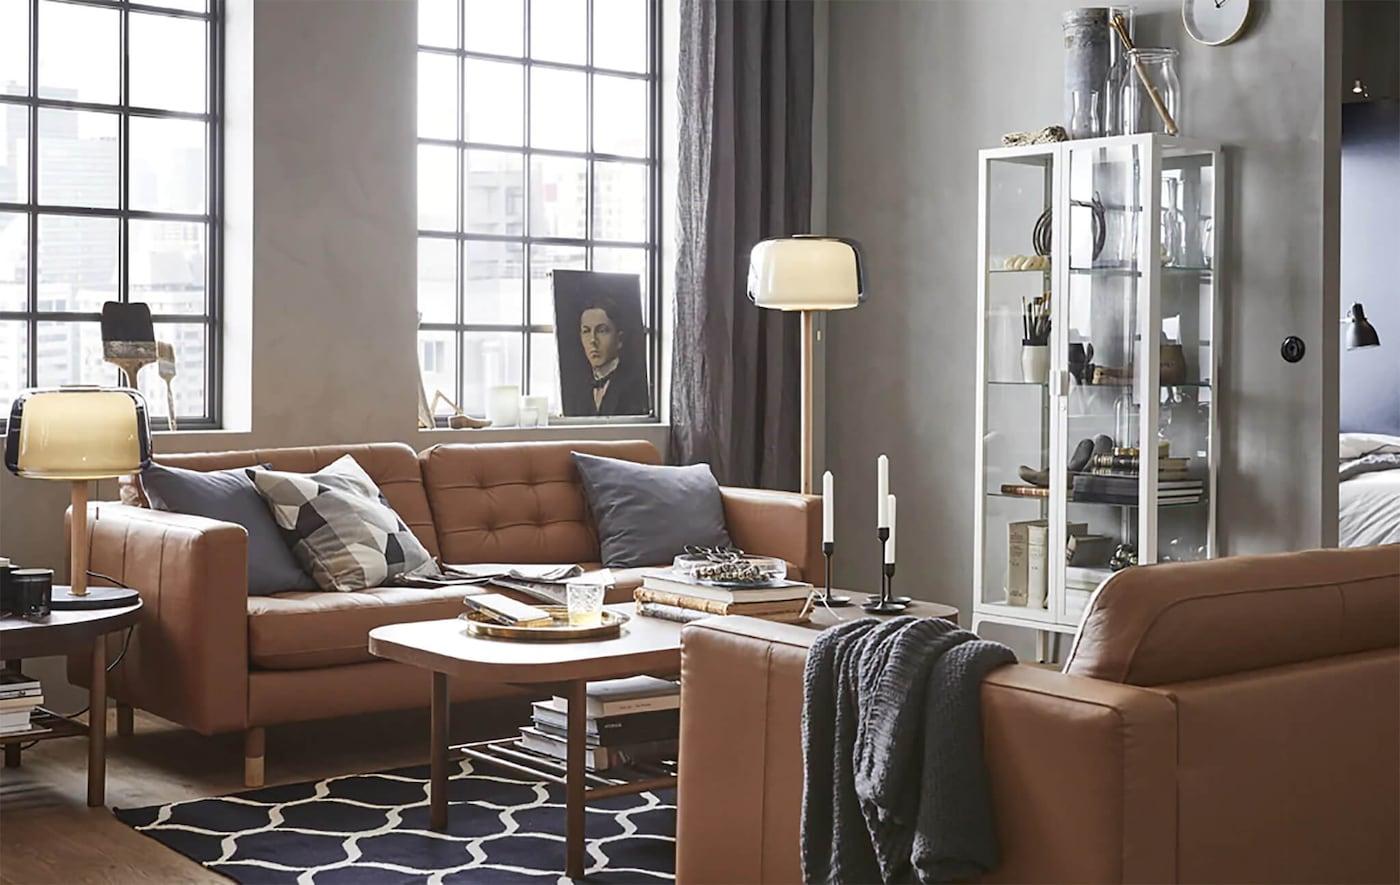 Мужчина отдыхает в гостиной с двумя коричневыми кожаными диванами, журнальным столиком, стеклянным шкафом и лампами.